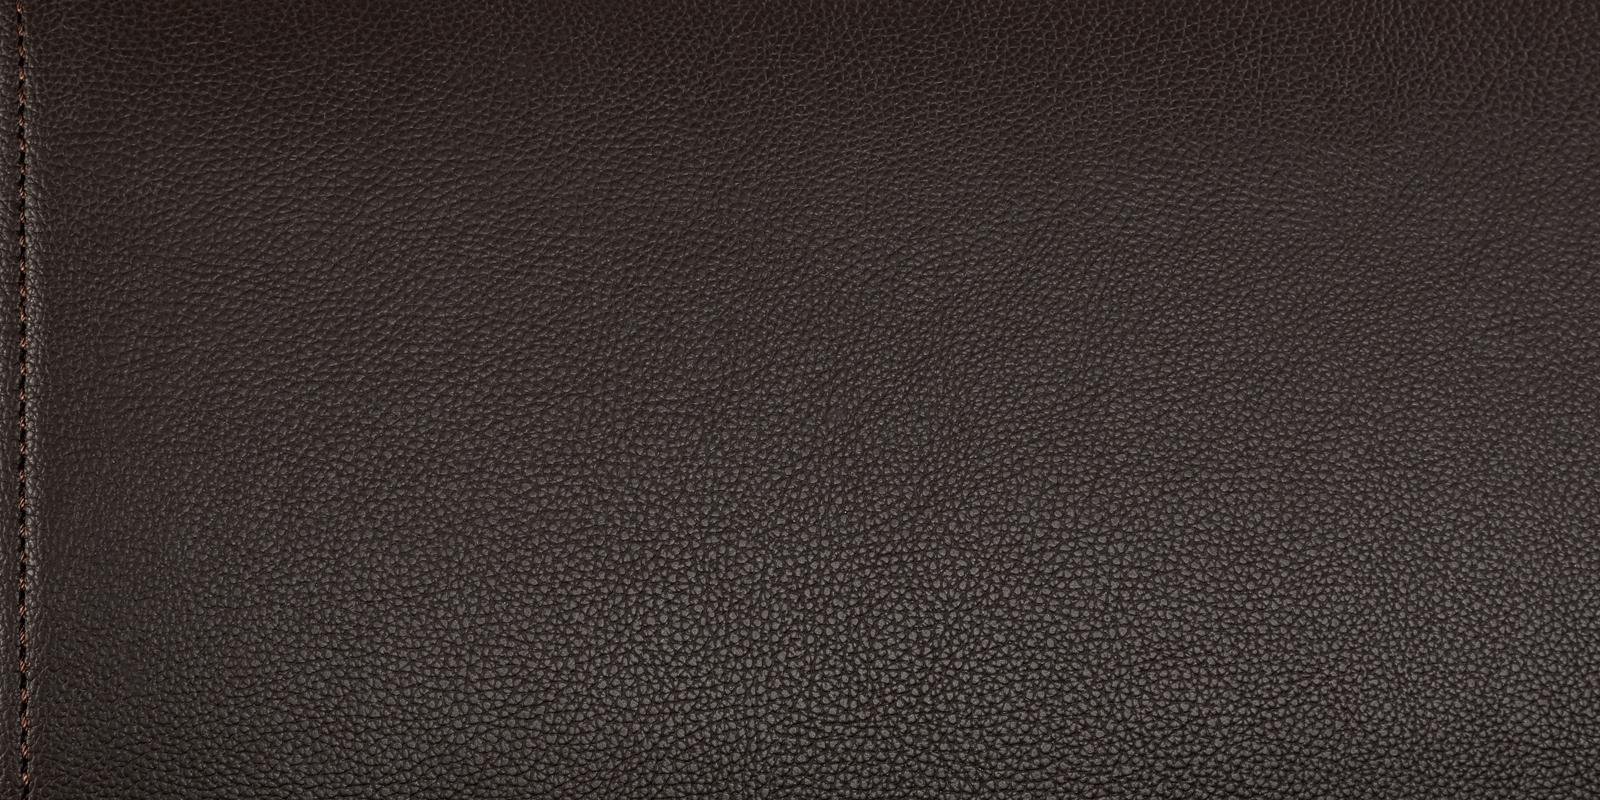 Мягкая кровать 200х160 Флора с подъемным механизмом (Luxe коричневый)